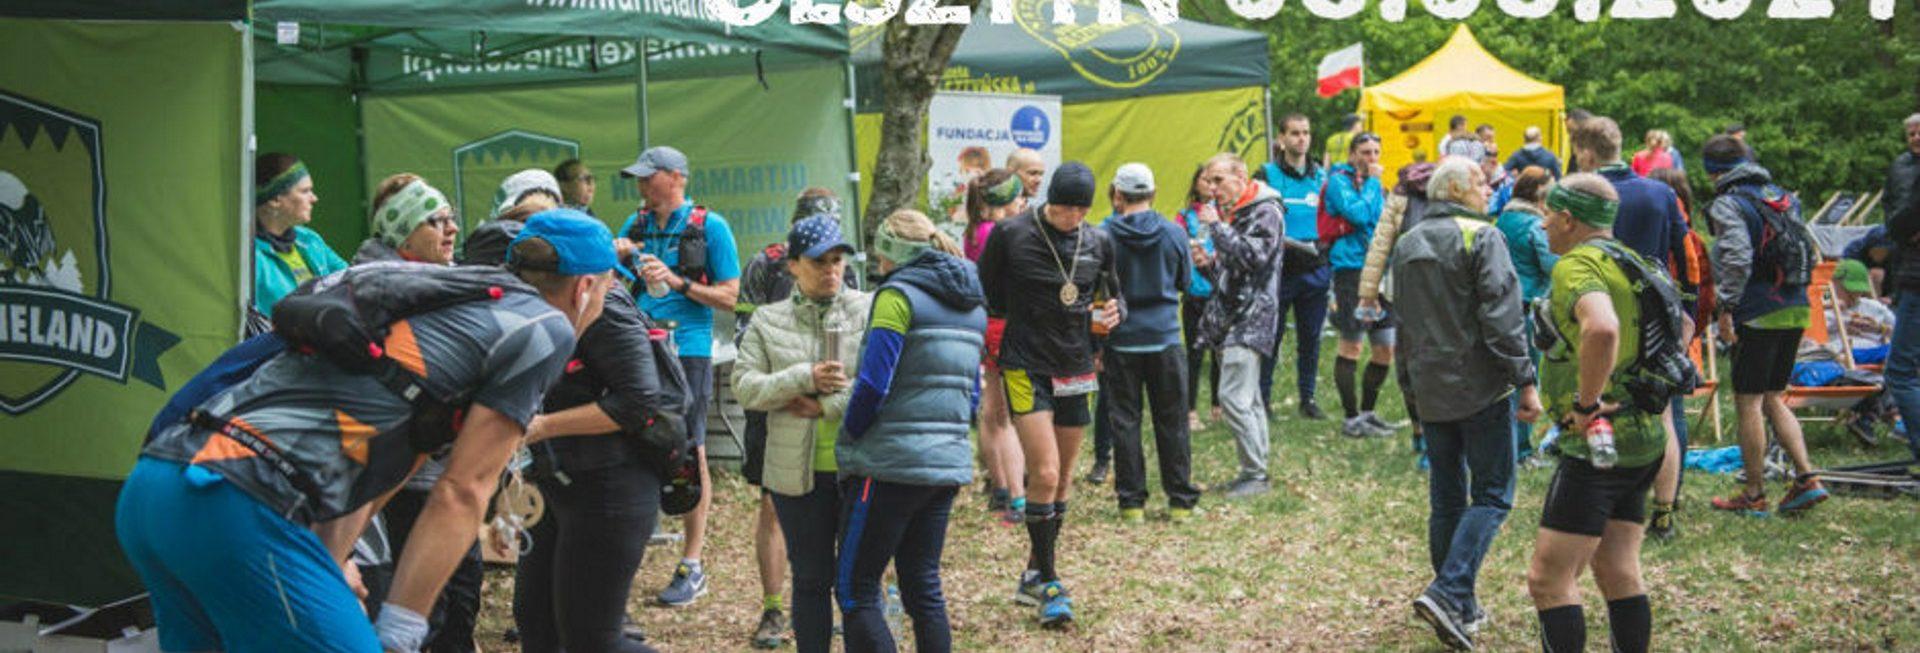 Plakat zapraszający na II Jesienny Ultramaraton Warmiński WARNELAND ŁAŃSK 2020. Na zdjęciu stojący uczestnicy biegu przy namiotach organizatorów, podczas spożywania posiłków.